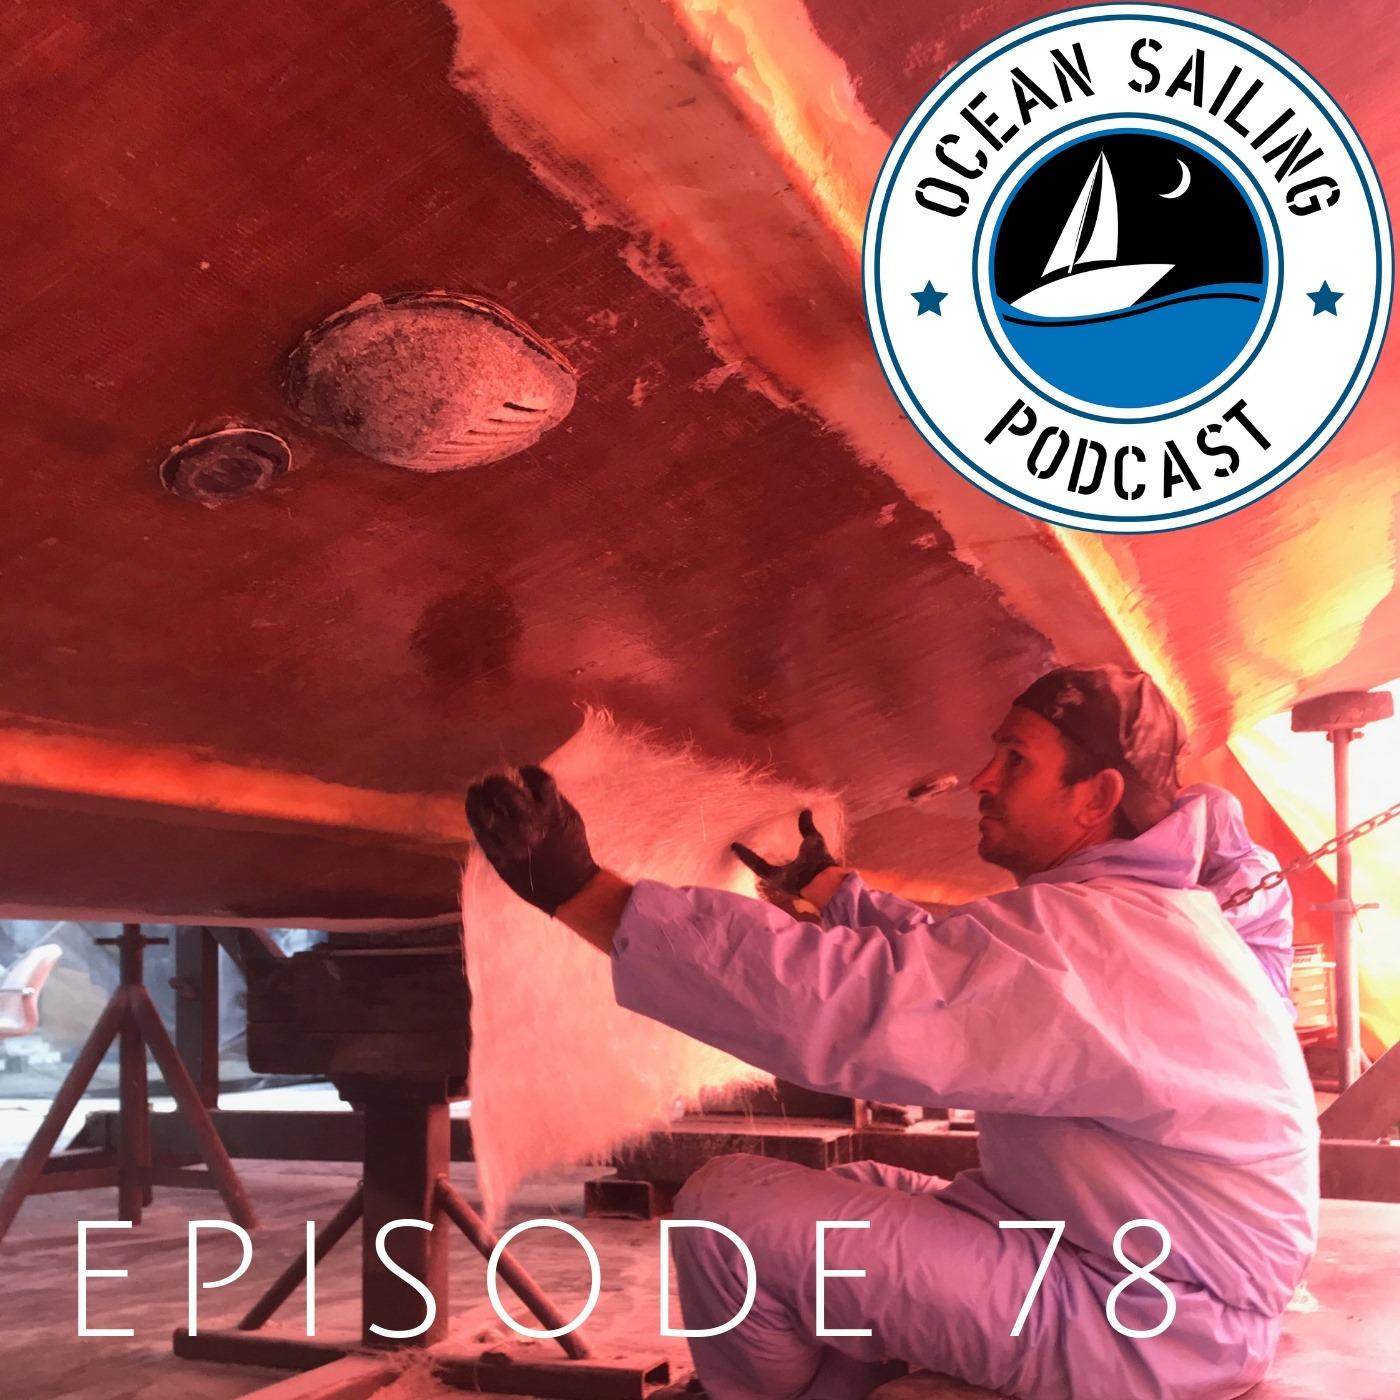 Ocean Sailing Podcast E78